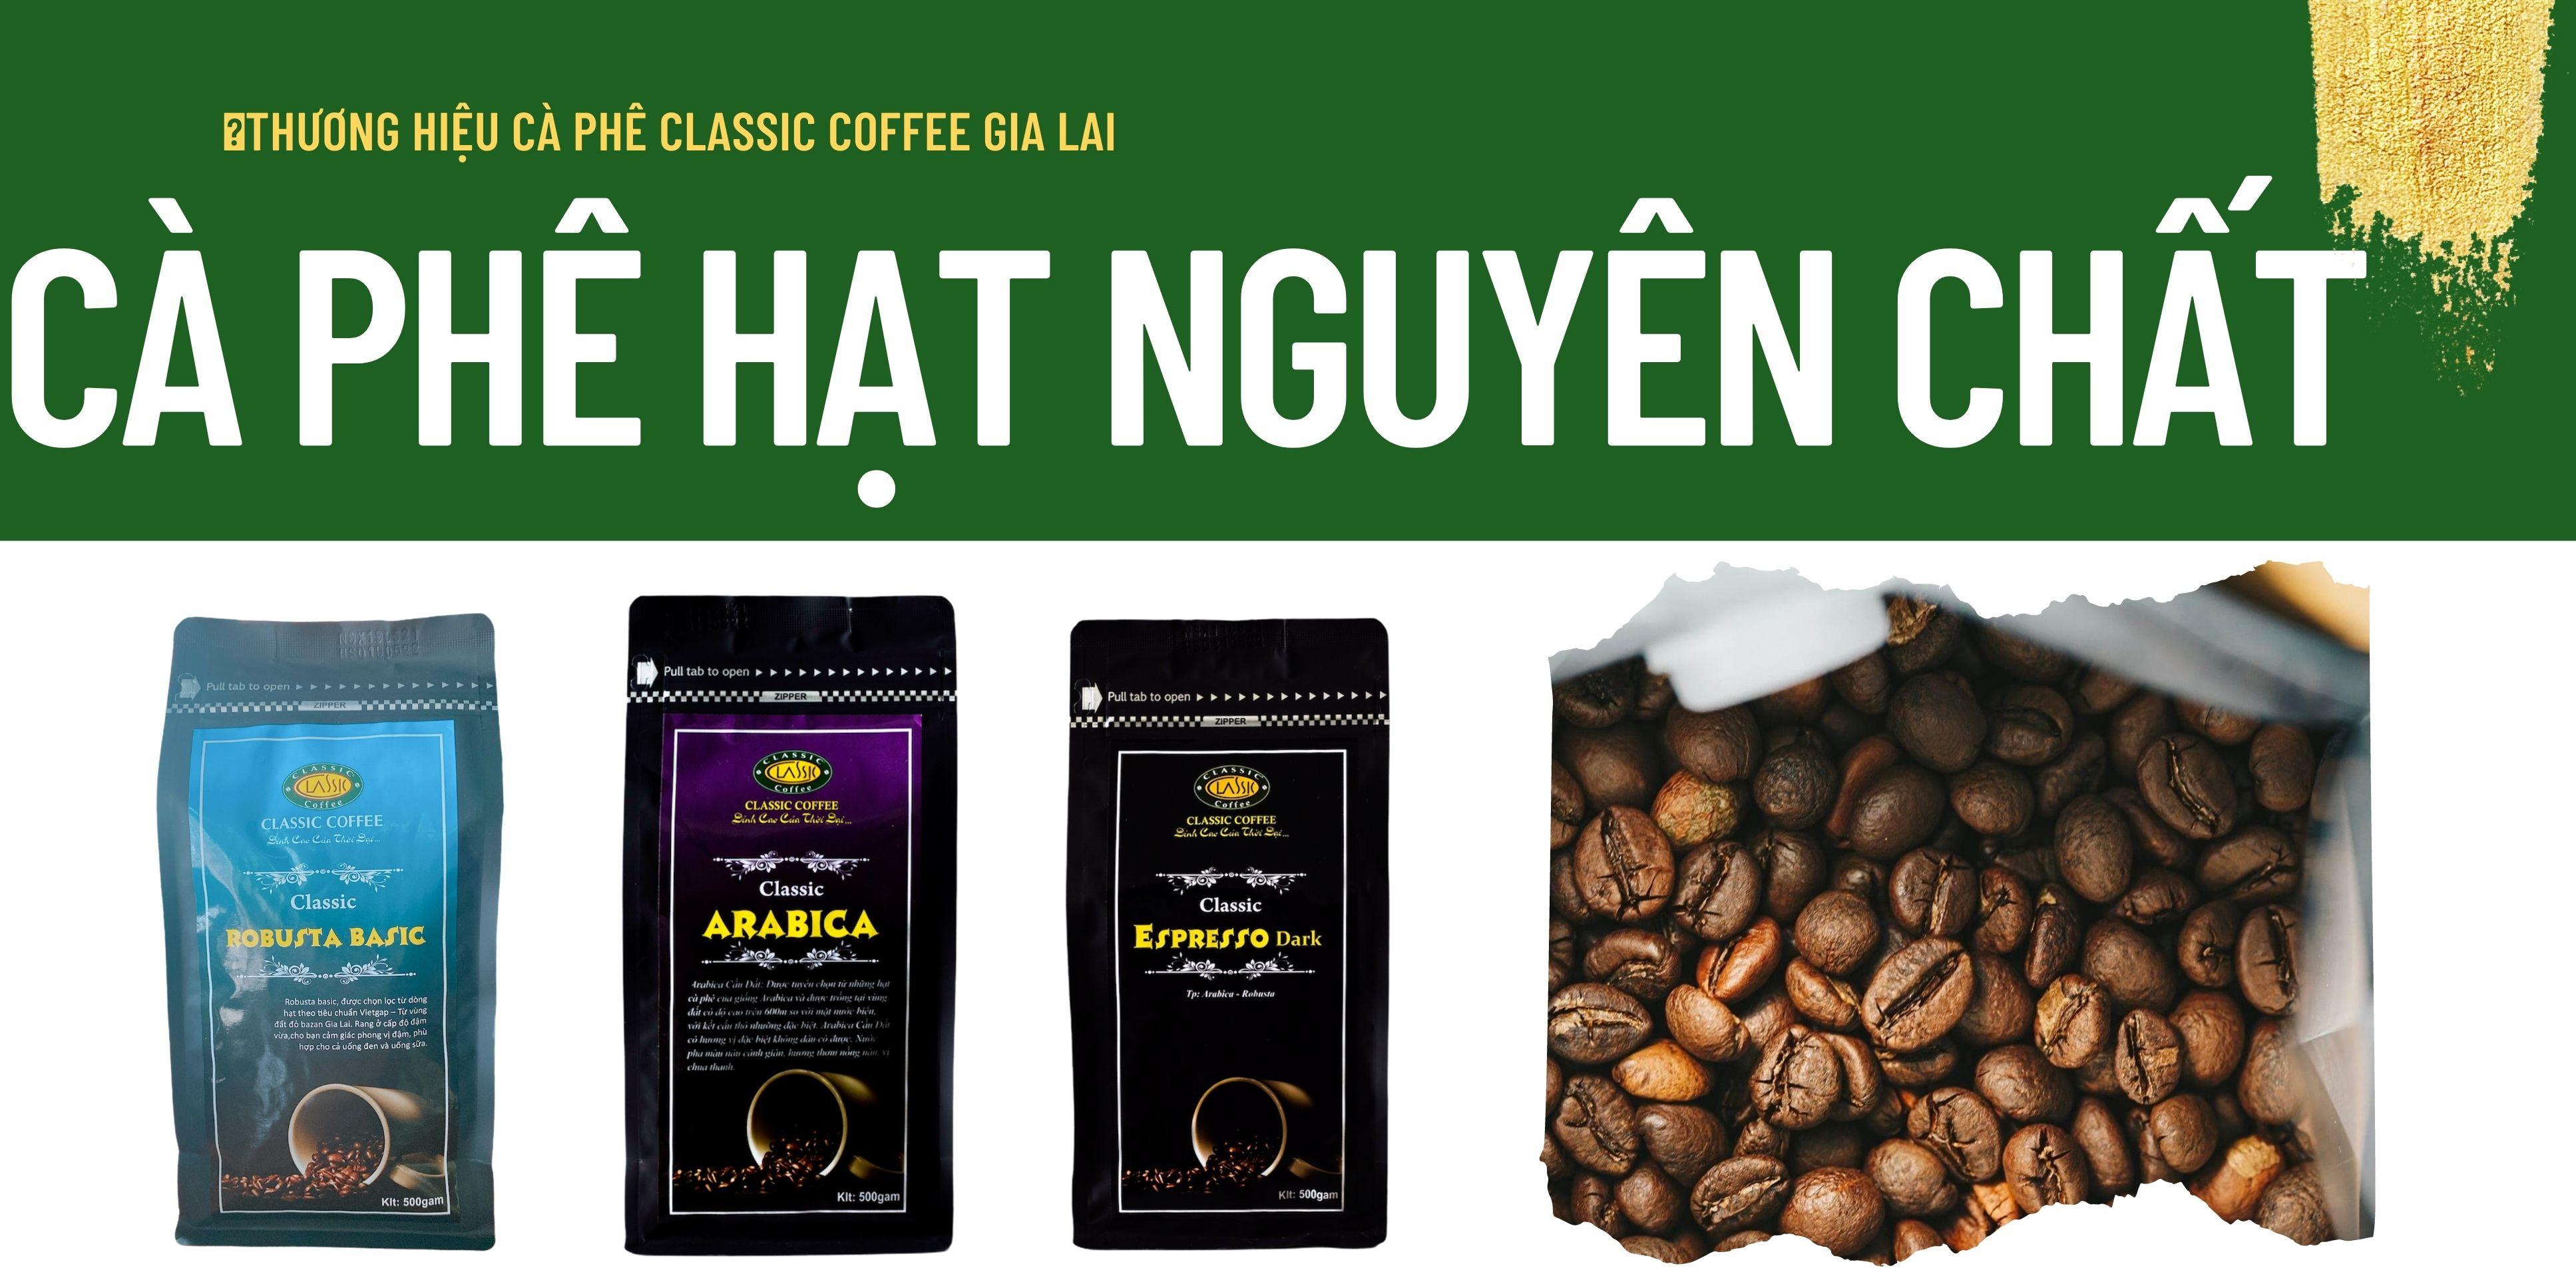 Mê mẩn với những dòng cà phê hạt rang nguyên chất Gia Lai hảo hạng tại Classic